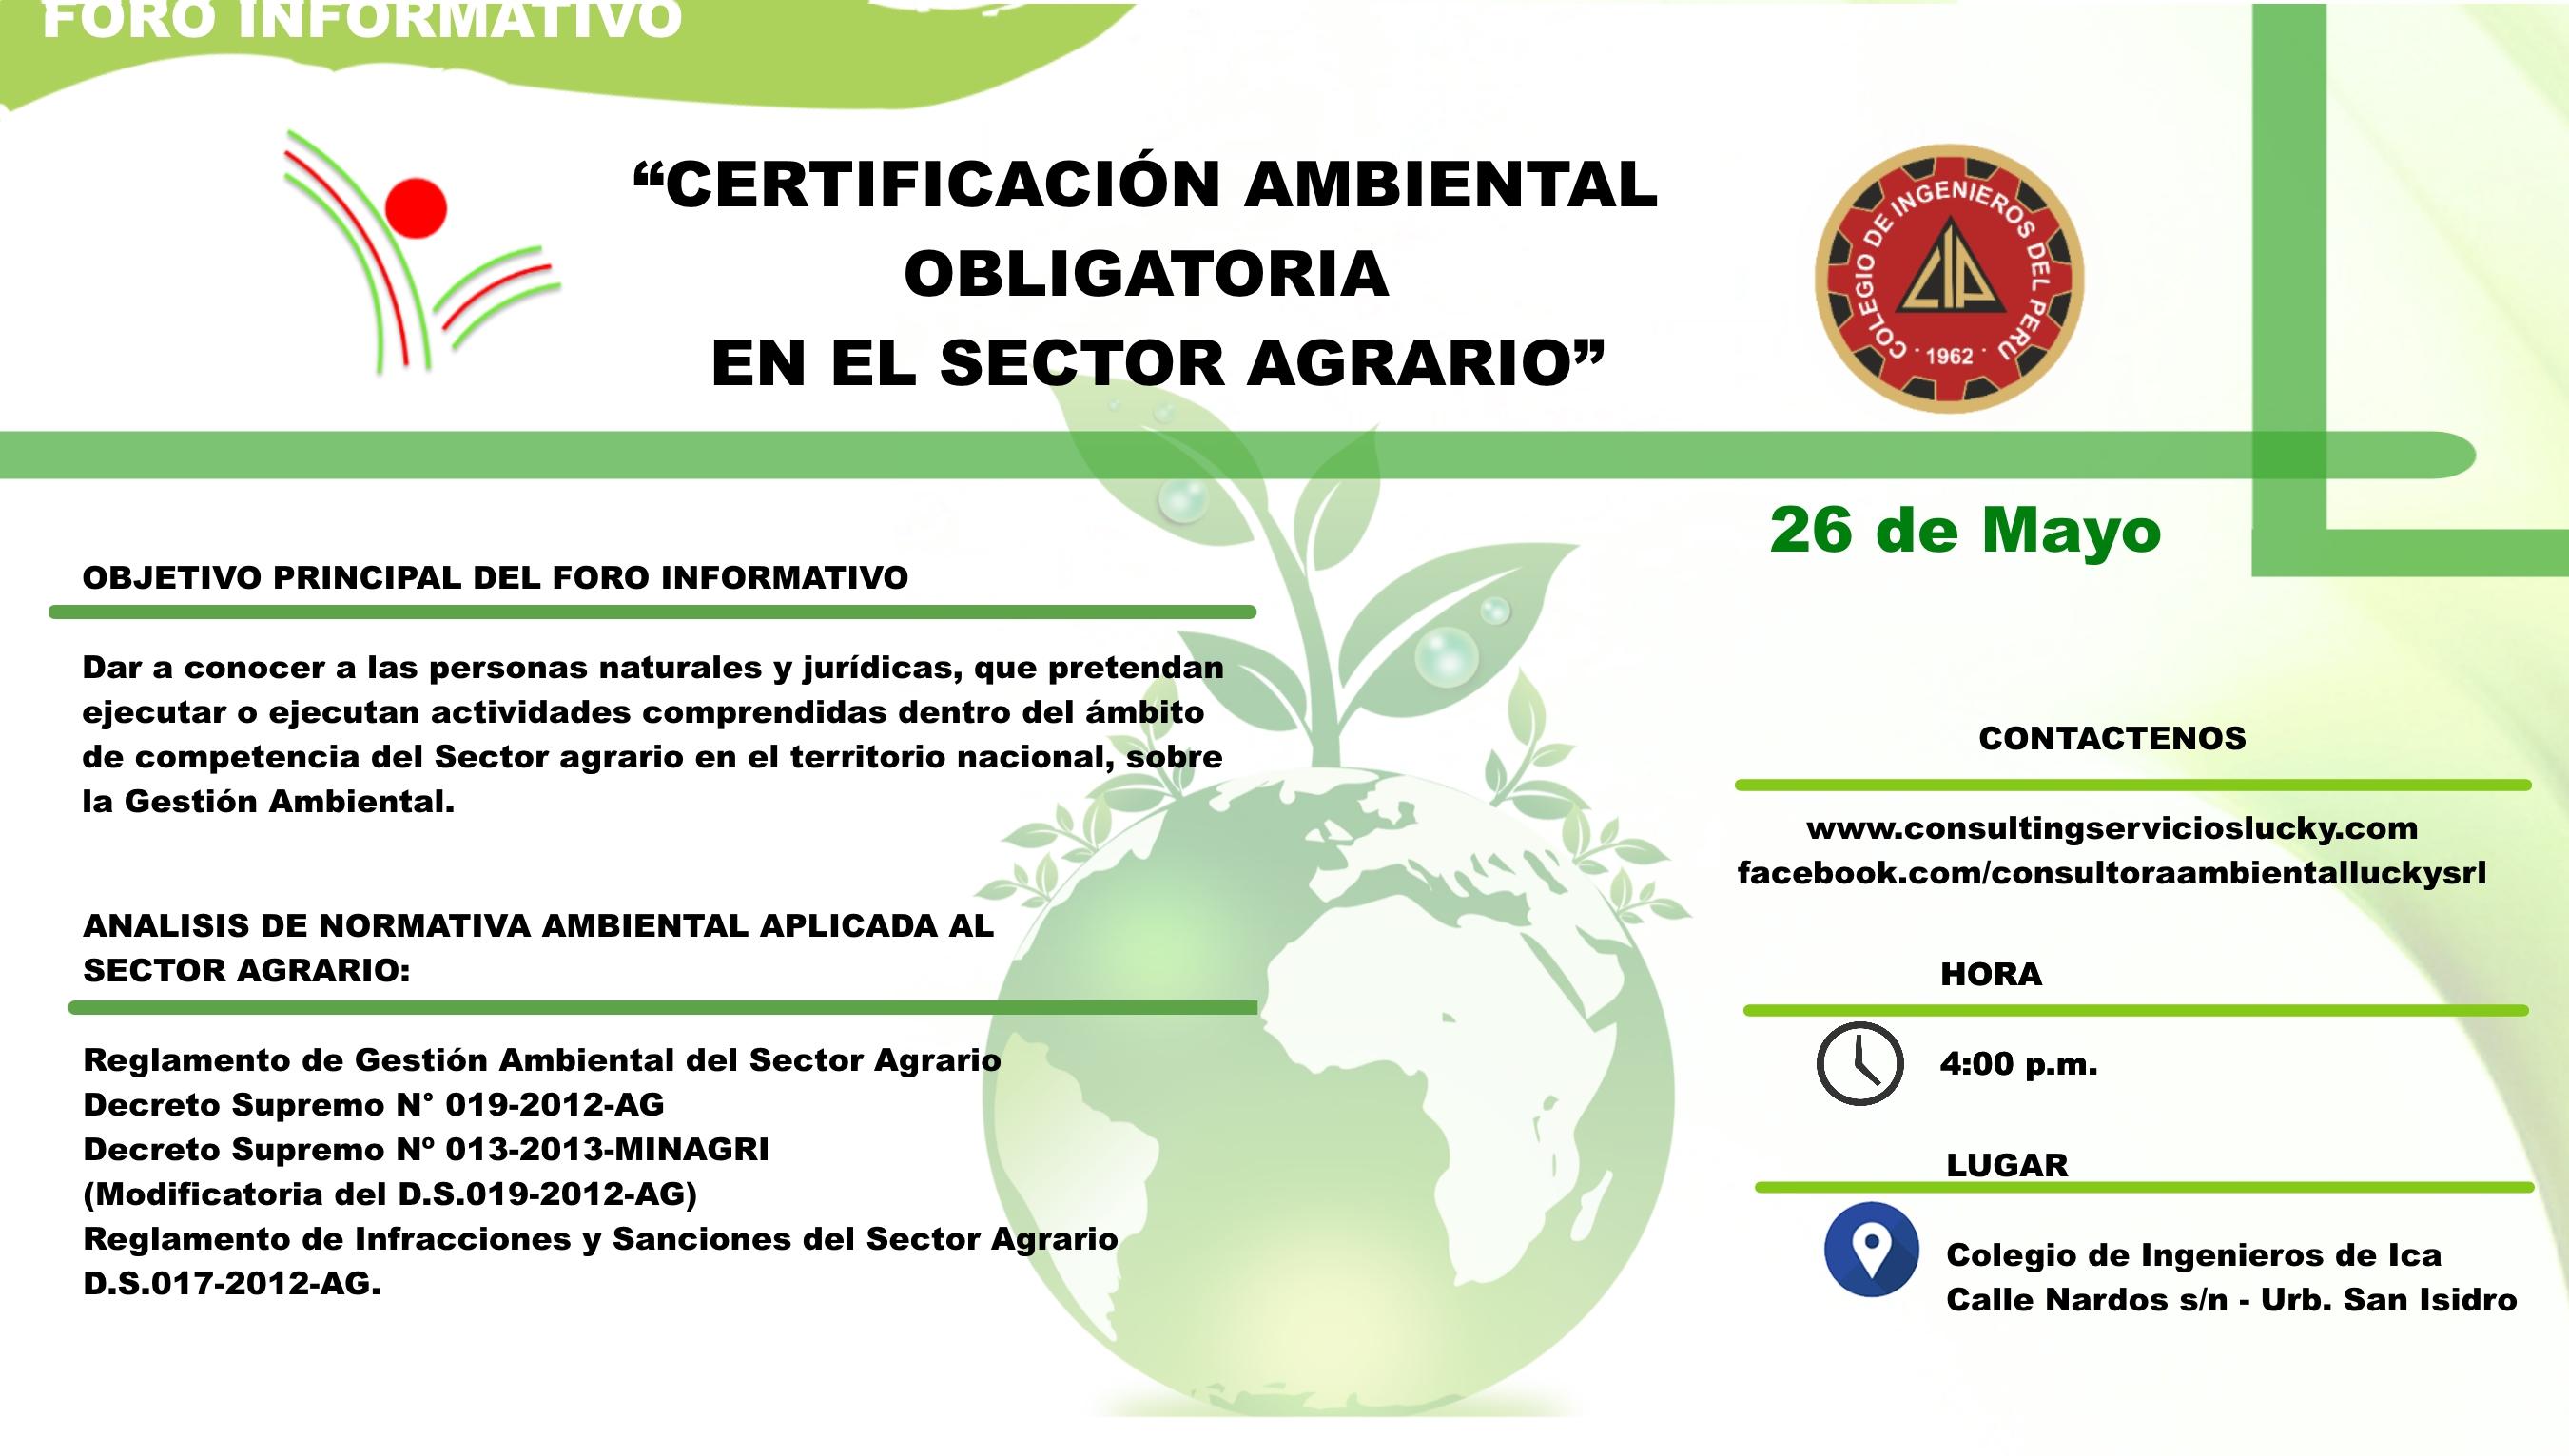 Foro Informativo «Certificación Ambiental Obligatoria en el Sector Agrario»